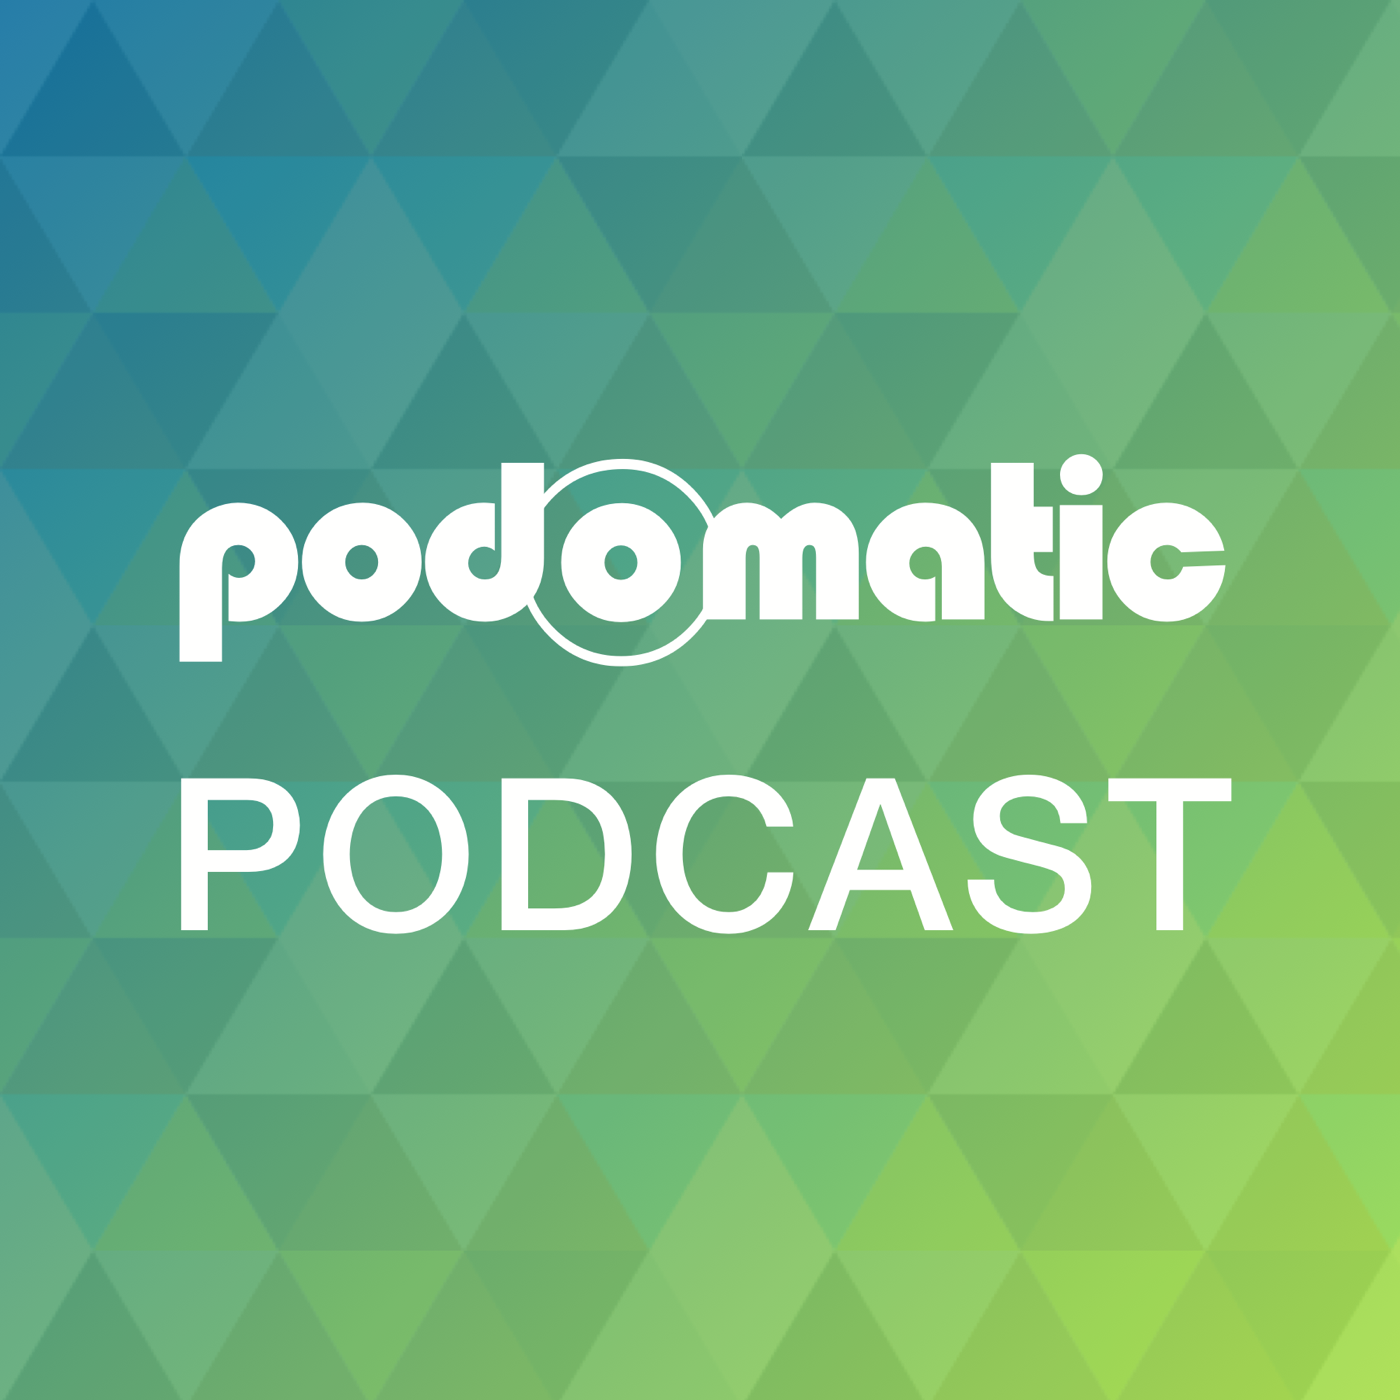 JORGE BERMUDEZ's Podcast